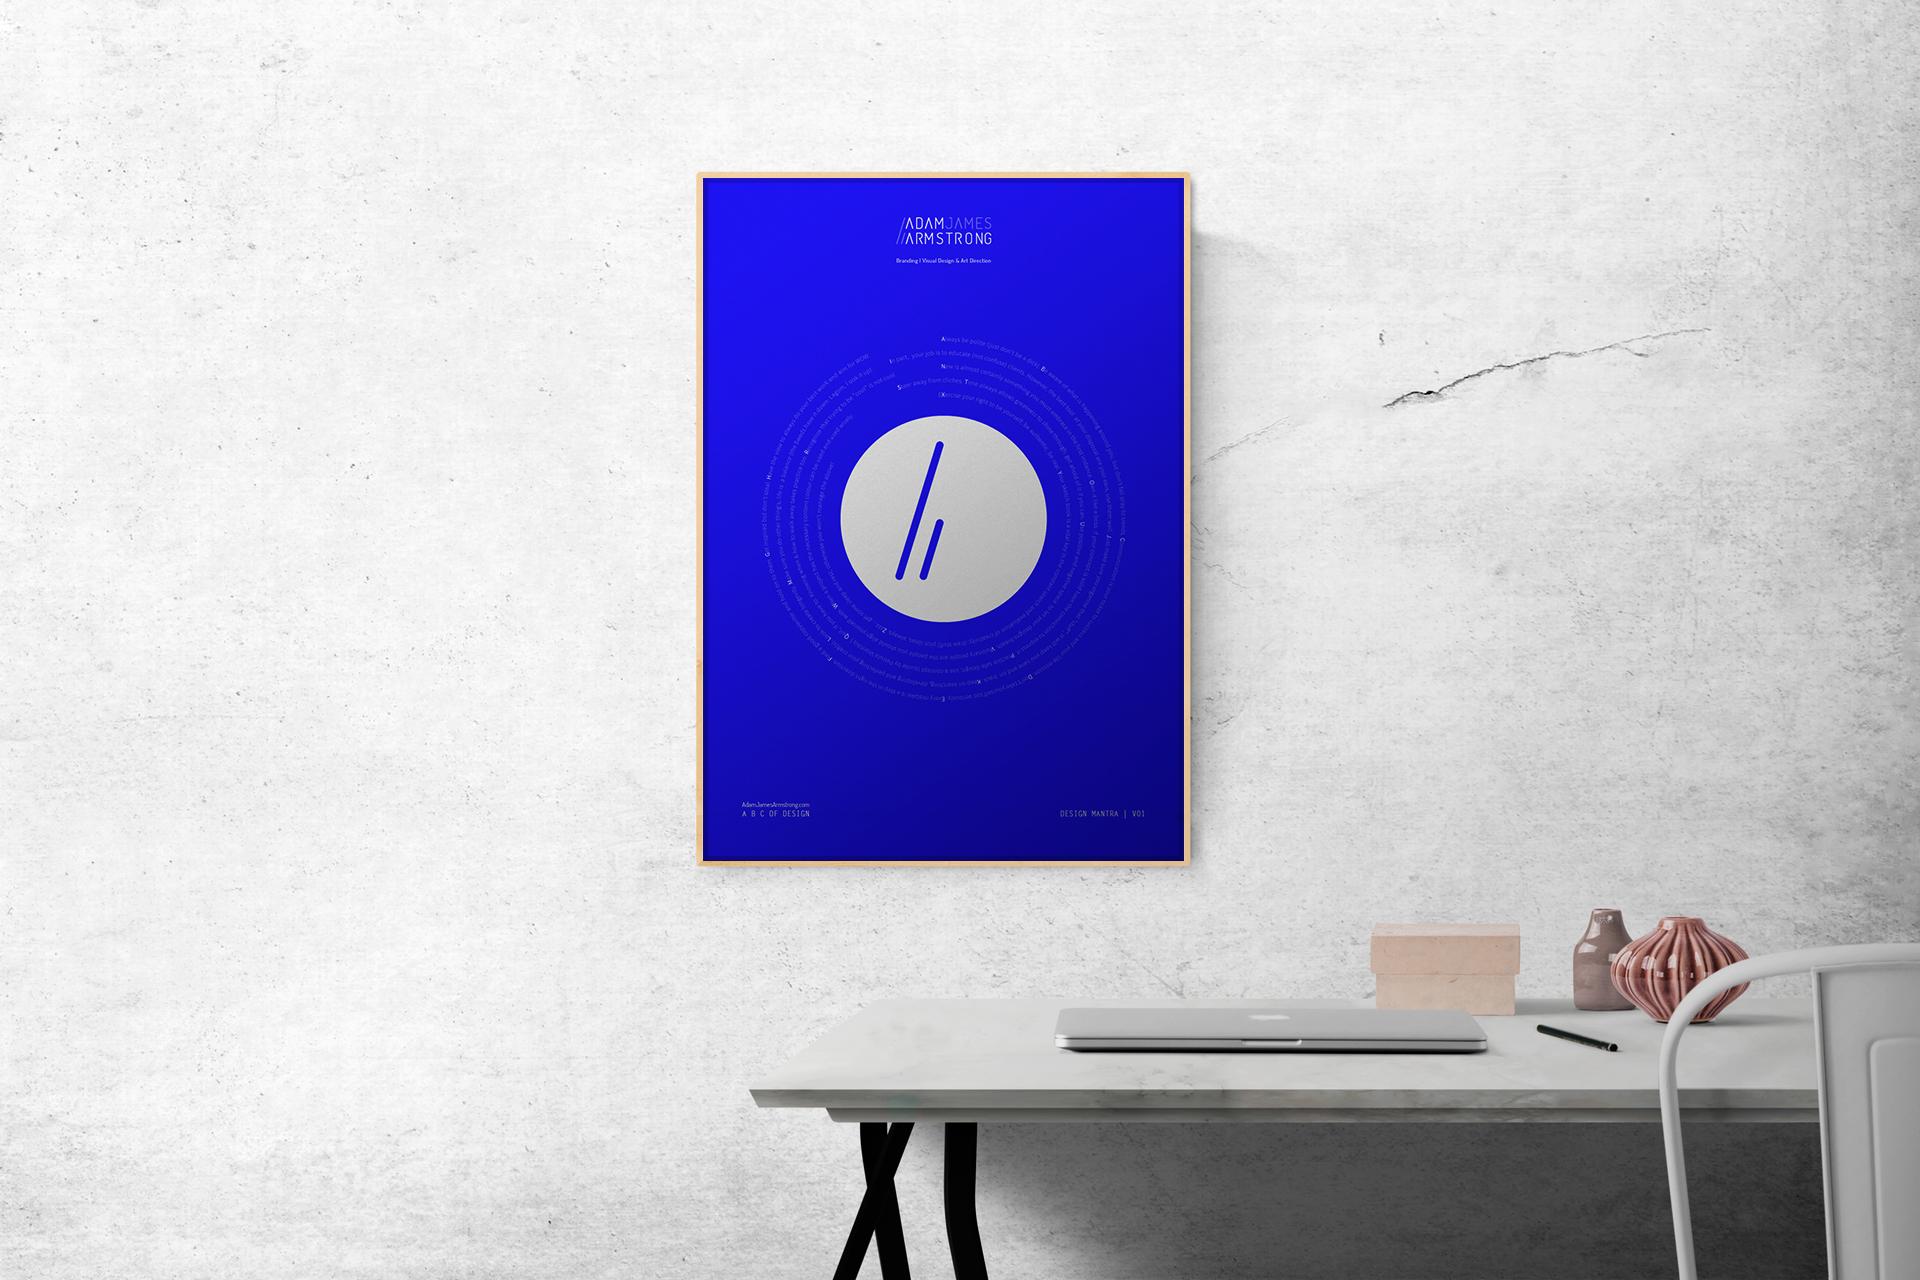 My free design mantra poster framed above a desk